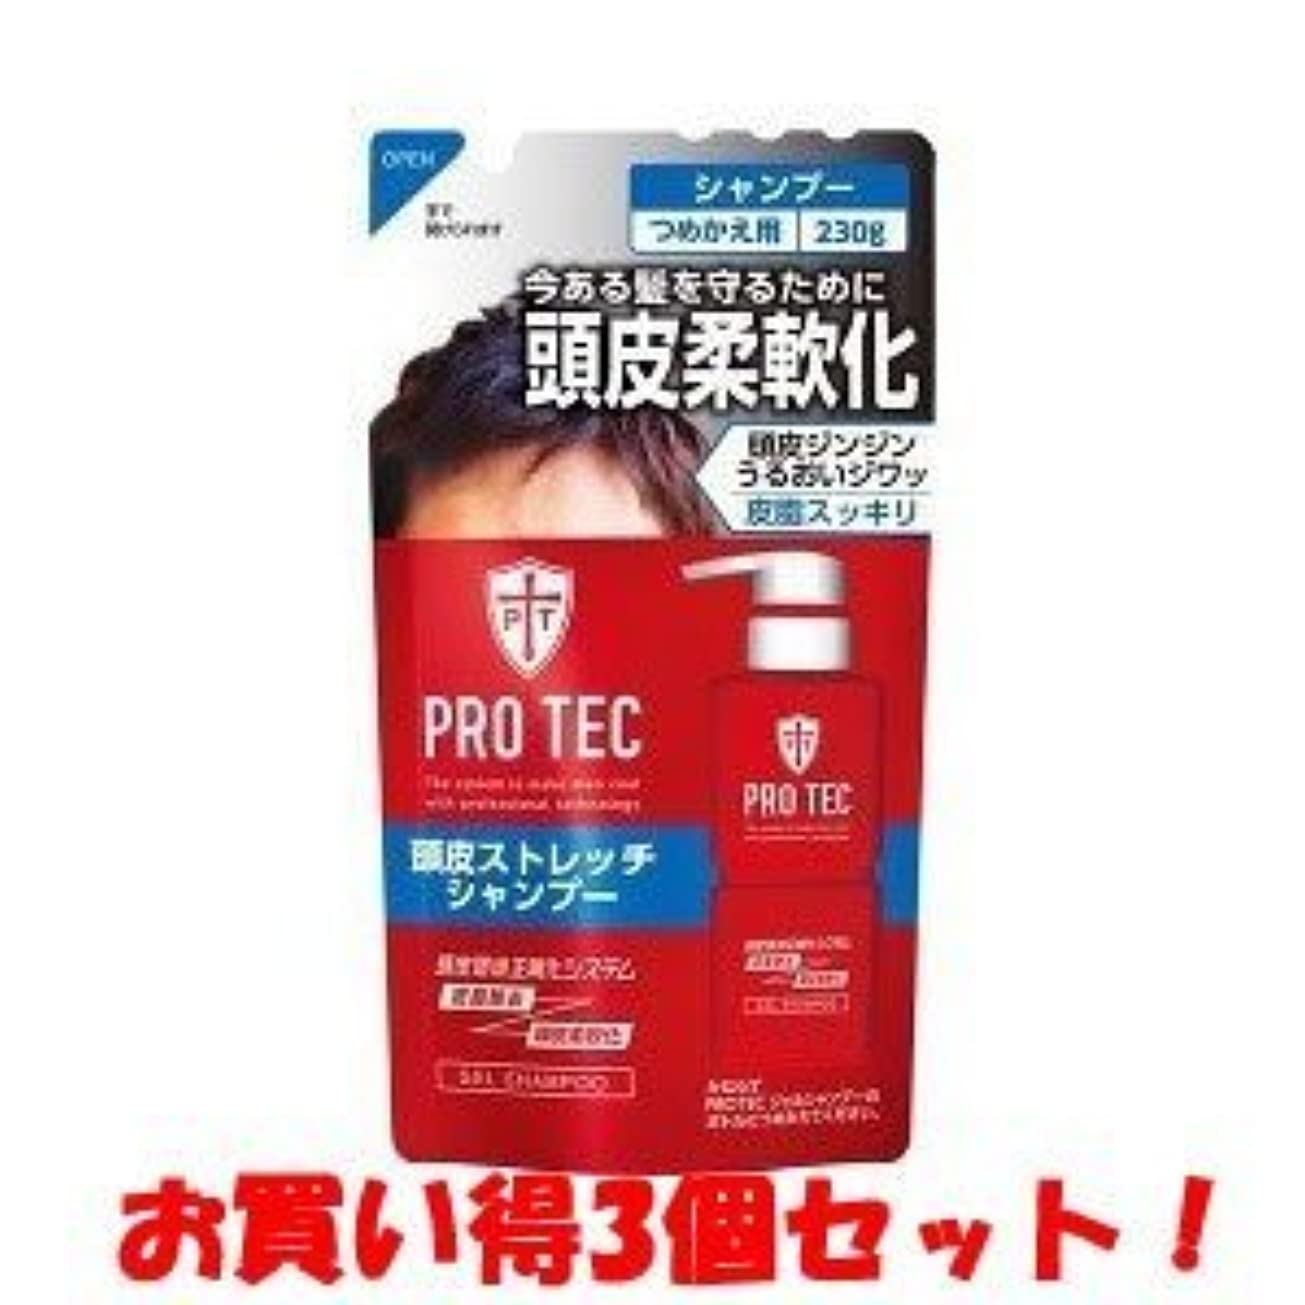 受信機コンパスおしゃれな(ライオン)PRO TEC(プロテク) 頭皮ストレッチ シャンプー つめかえ用 230g(医薬部外品)(お買い得3個セット)